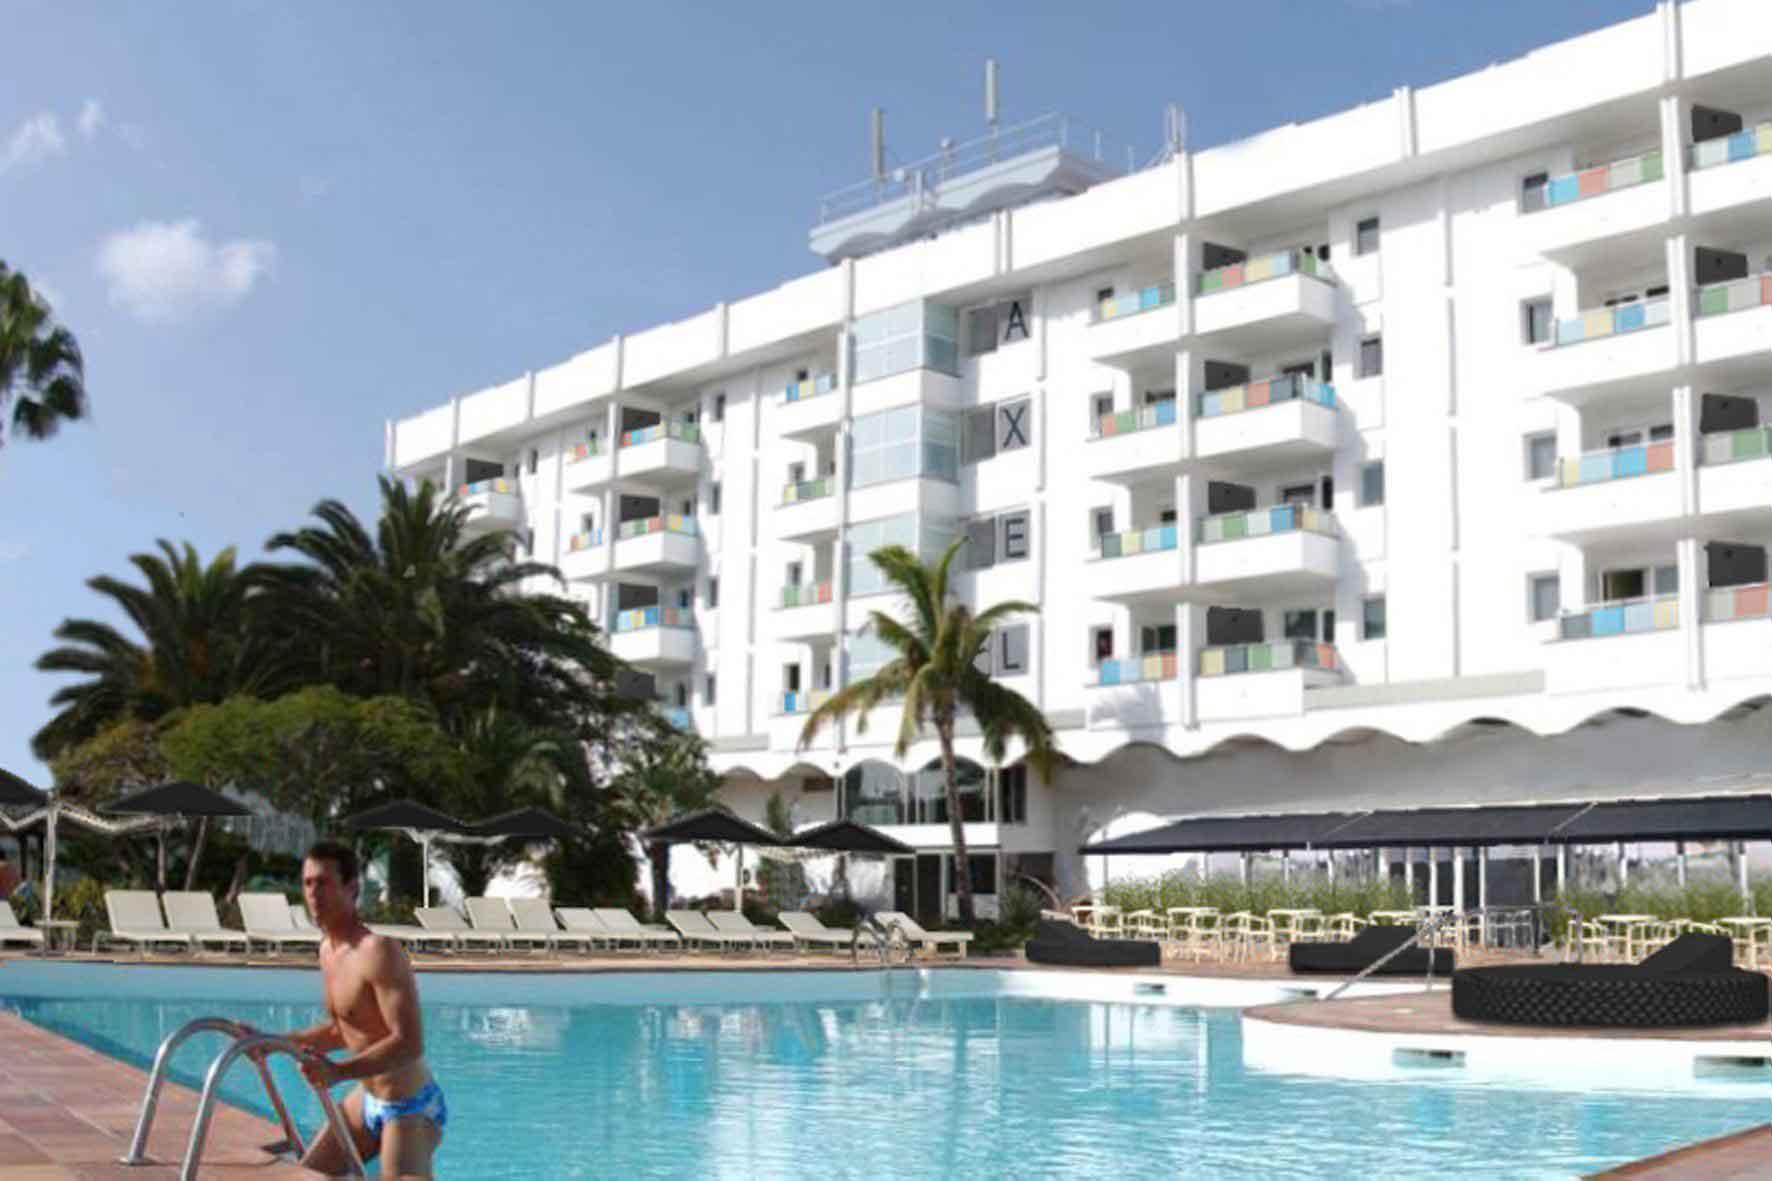 Axel Beach Hotel Maspalomas